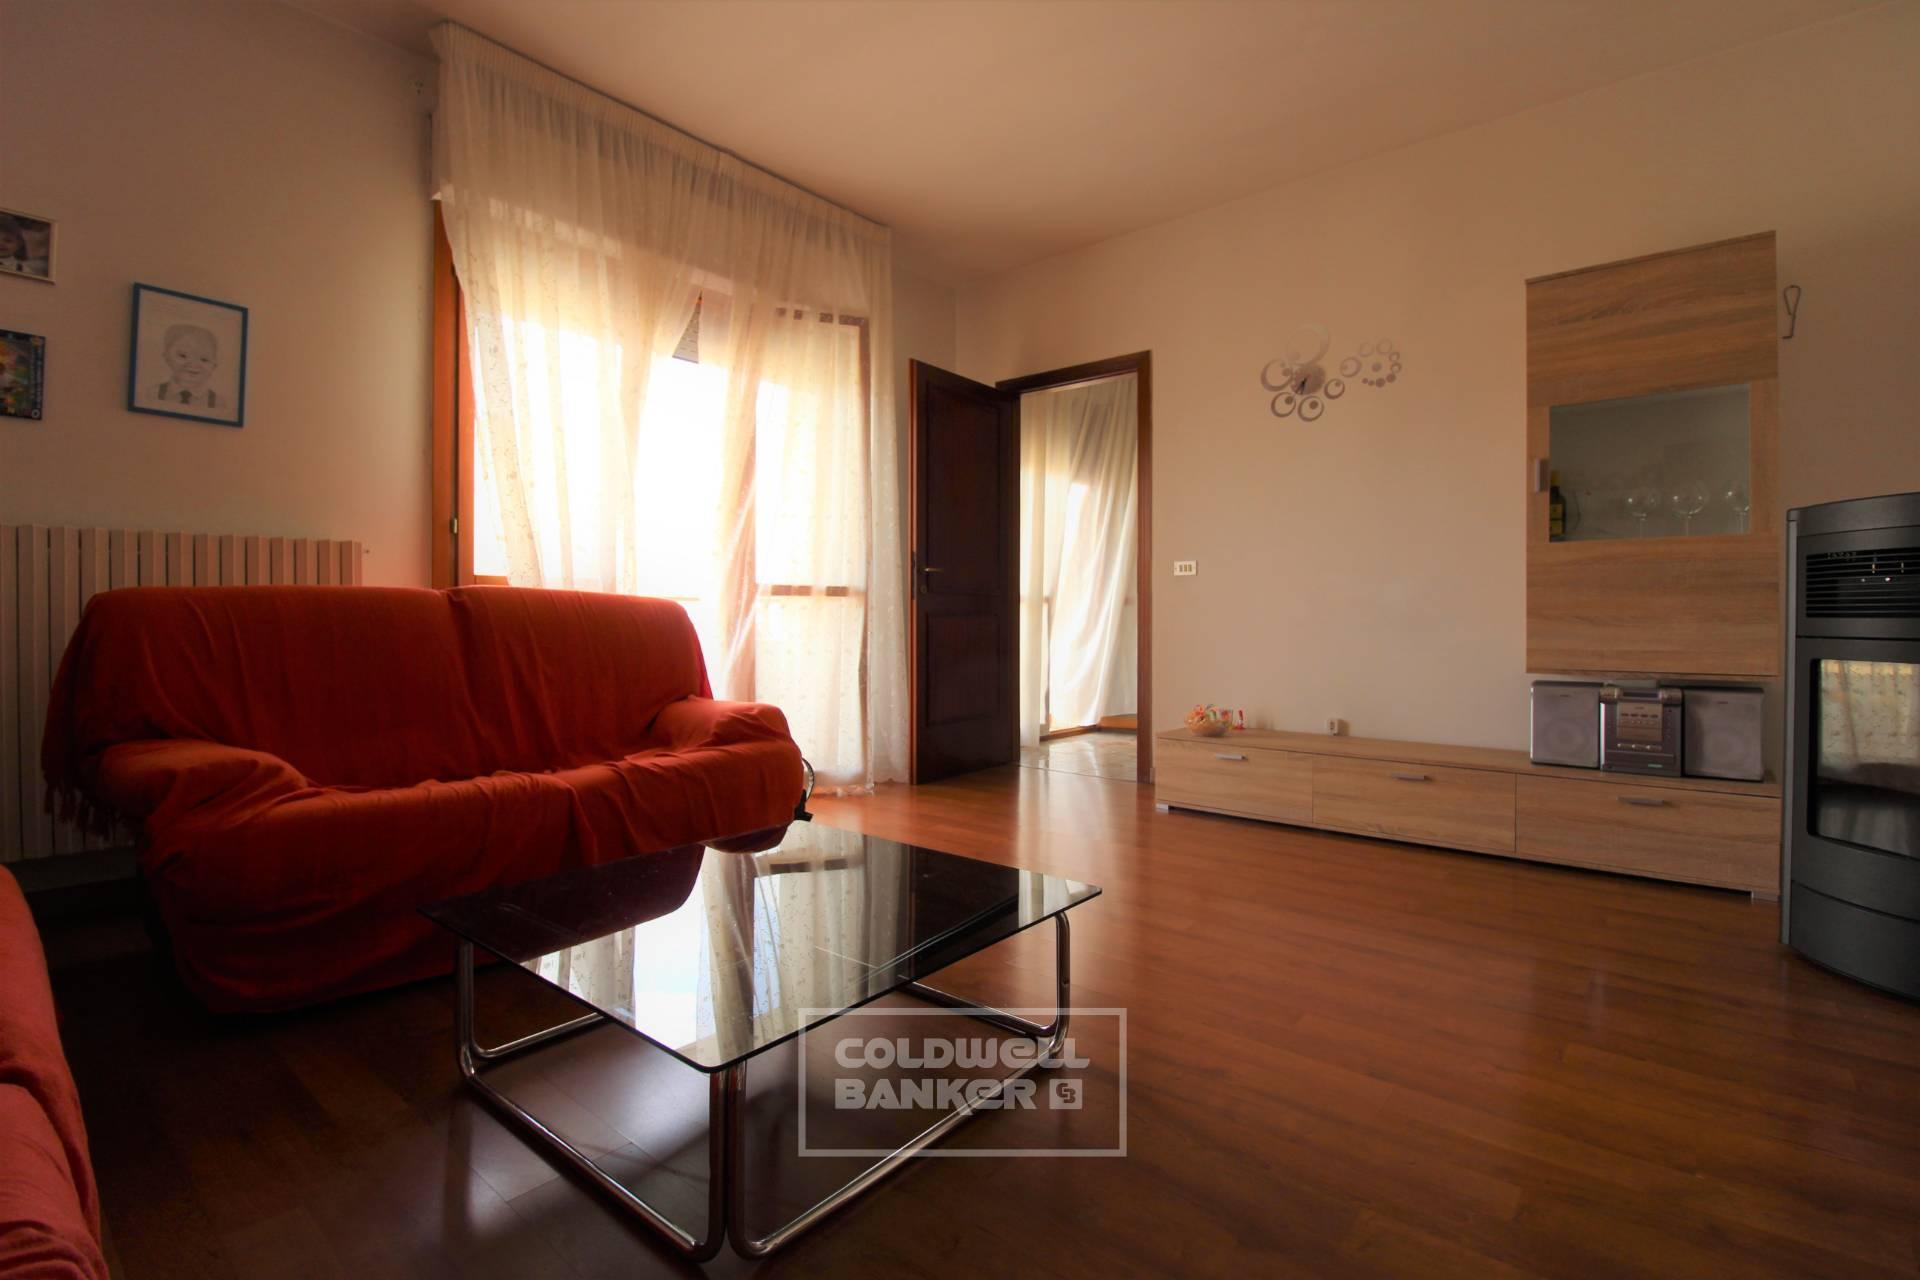 Appartamento in vendita a Salice Salentino, 4 locali, prezzo € 35.000 | CambioCasa.it